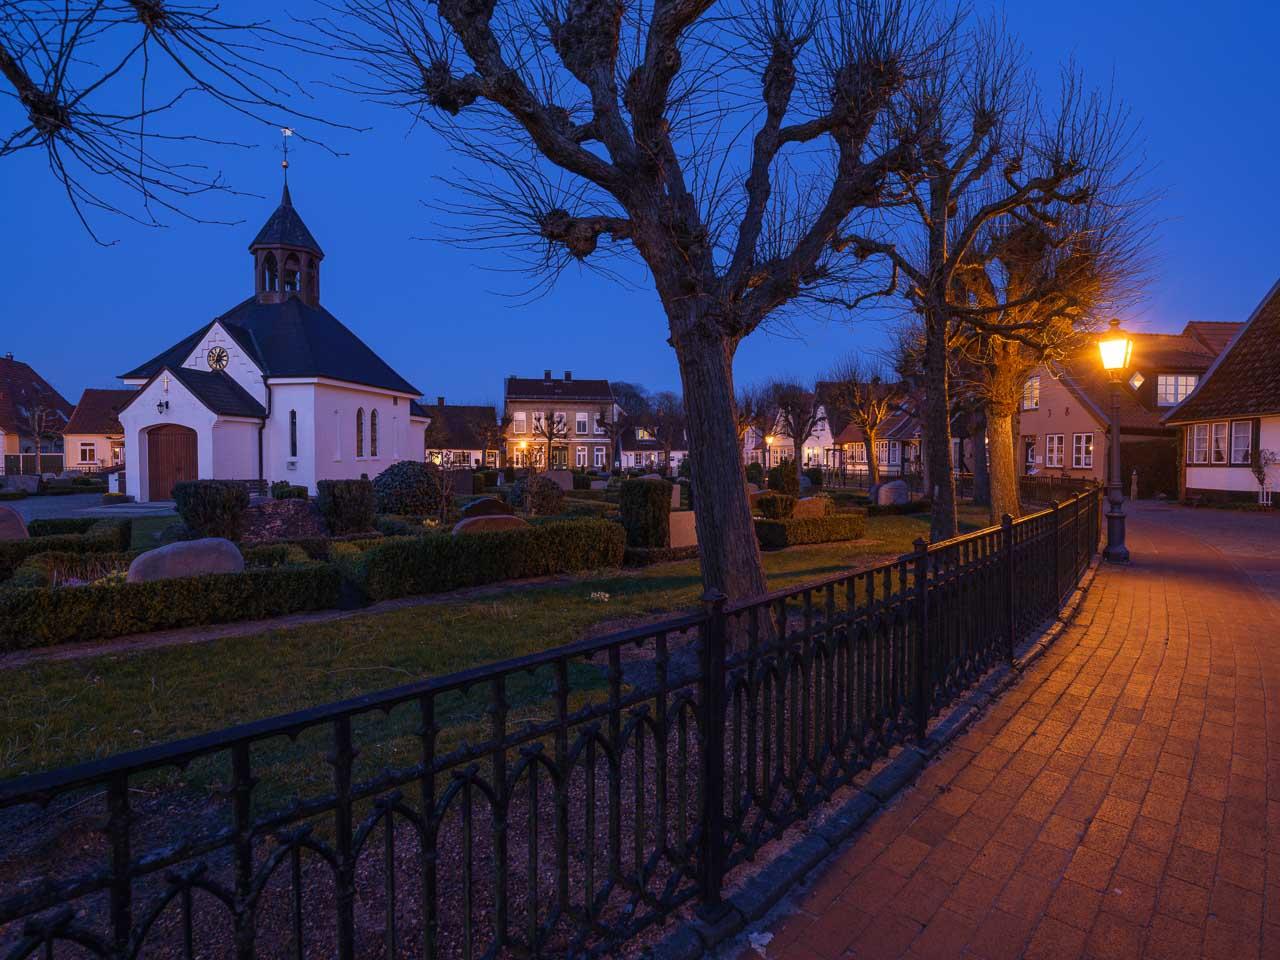 Letztes Abendlicht - die blaue Stunde - setzt den Friedhof mit seiner Kapelle in der Fischersiedlung Holm in Schleswig an der Schlei in Szene. Kamera: Fujifilm GFX 100S.